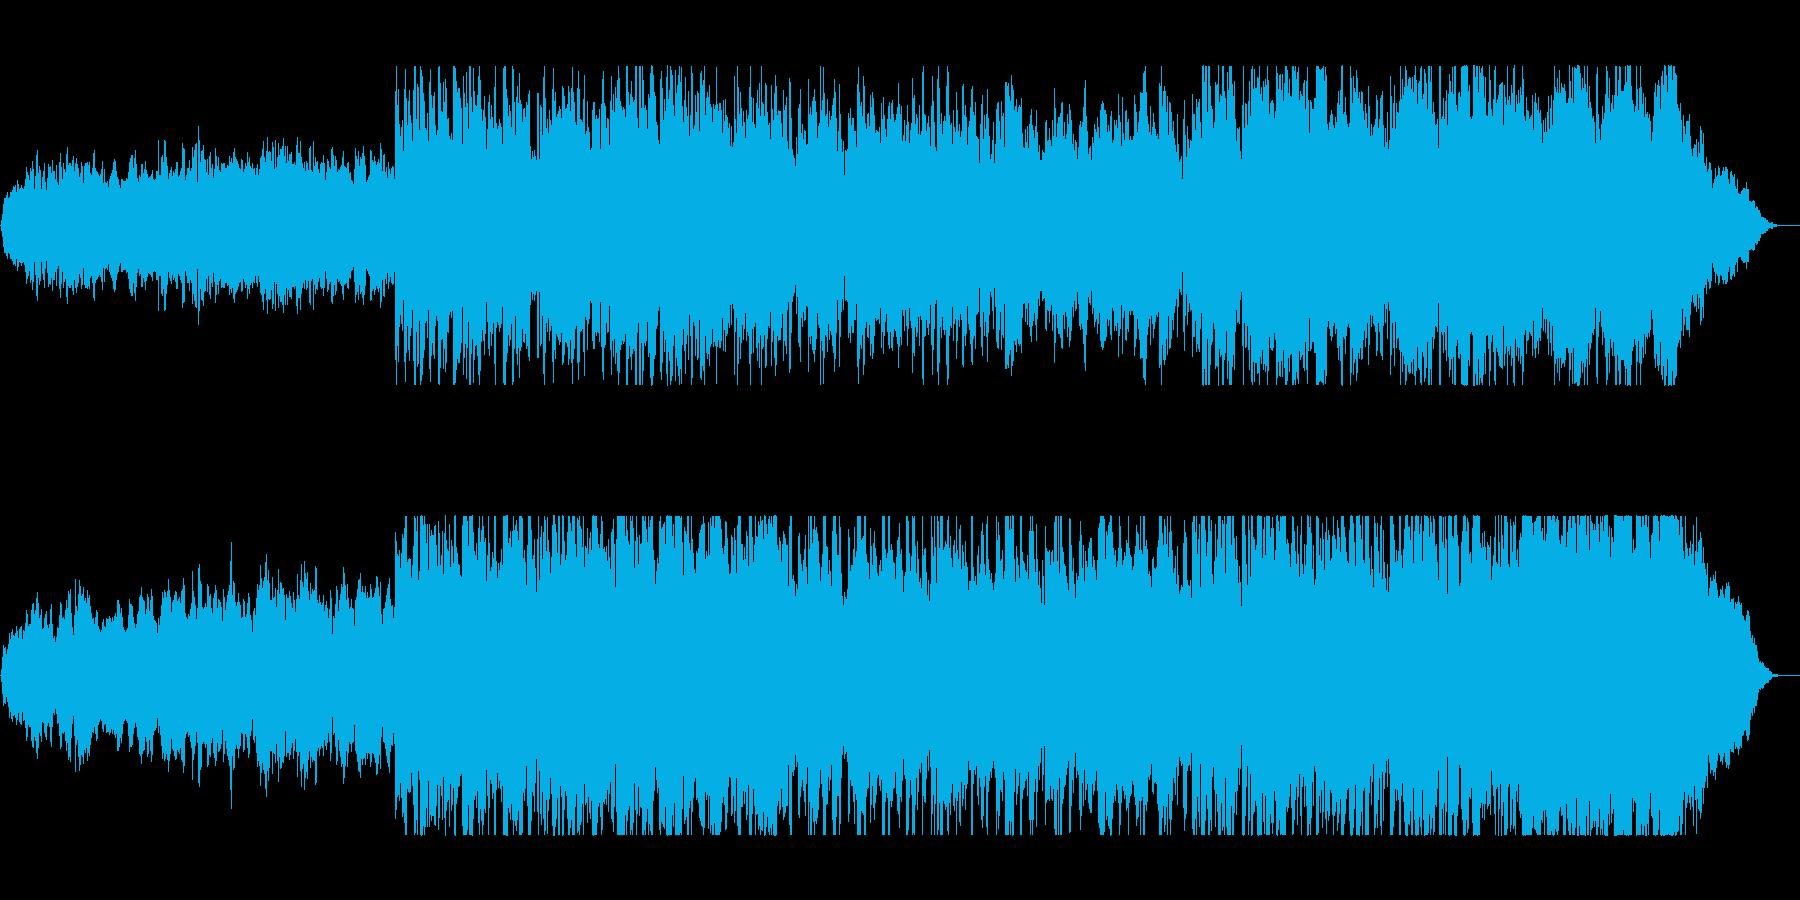 バイオリンとピアノのサウンドトラックの再生済みの波形